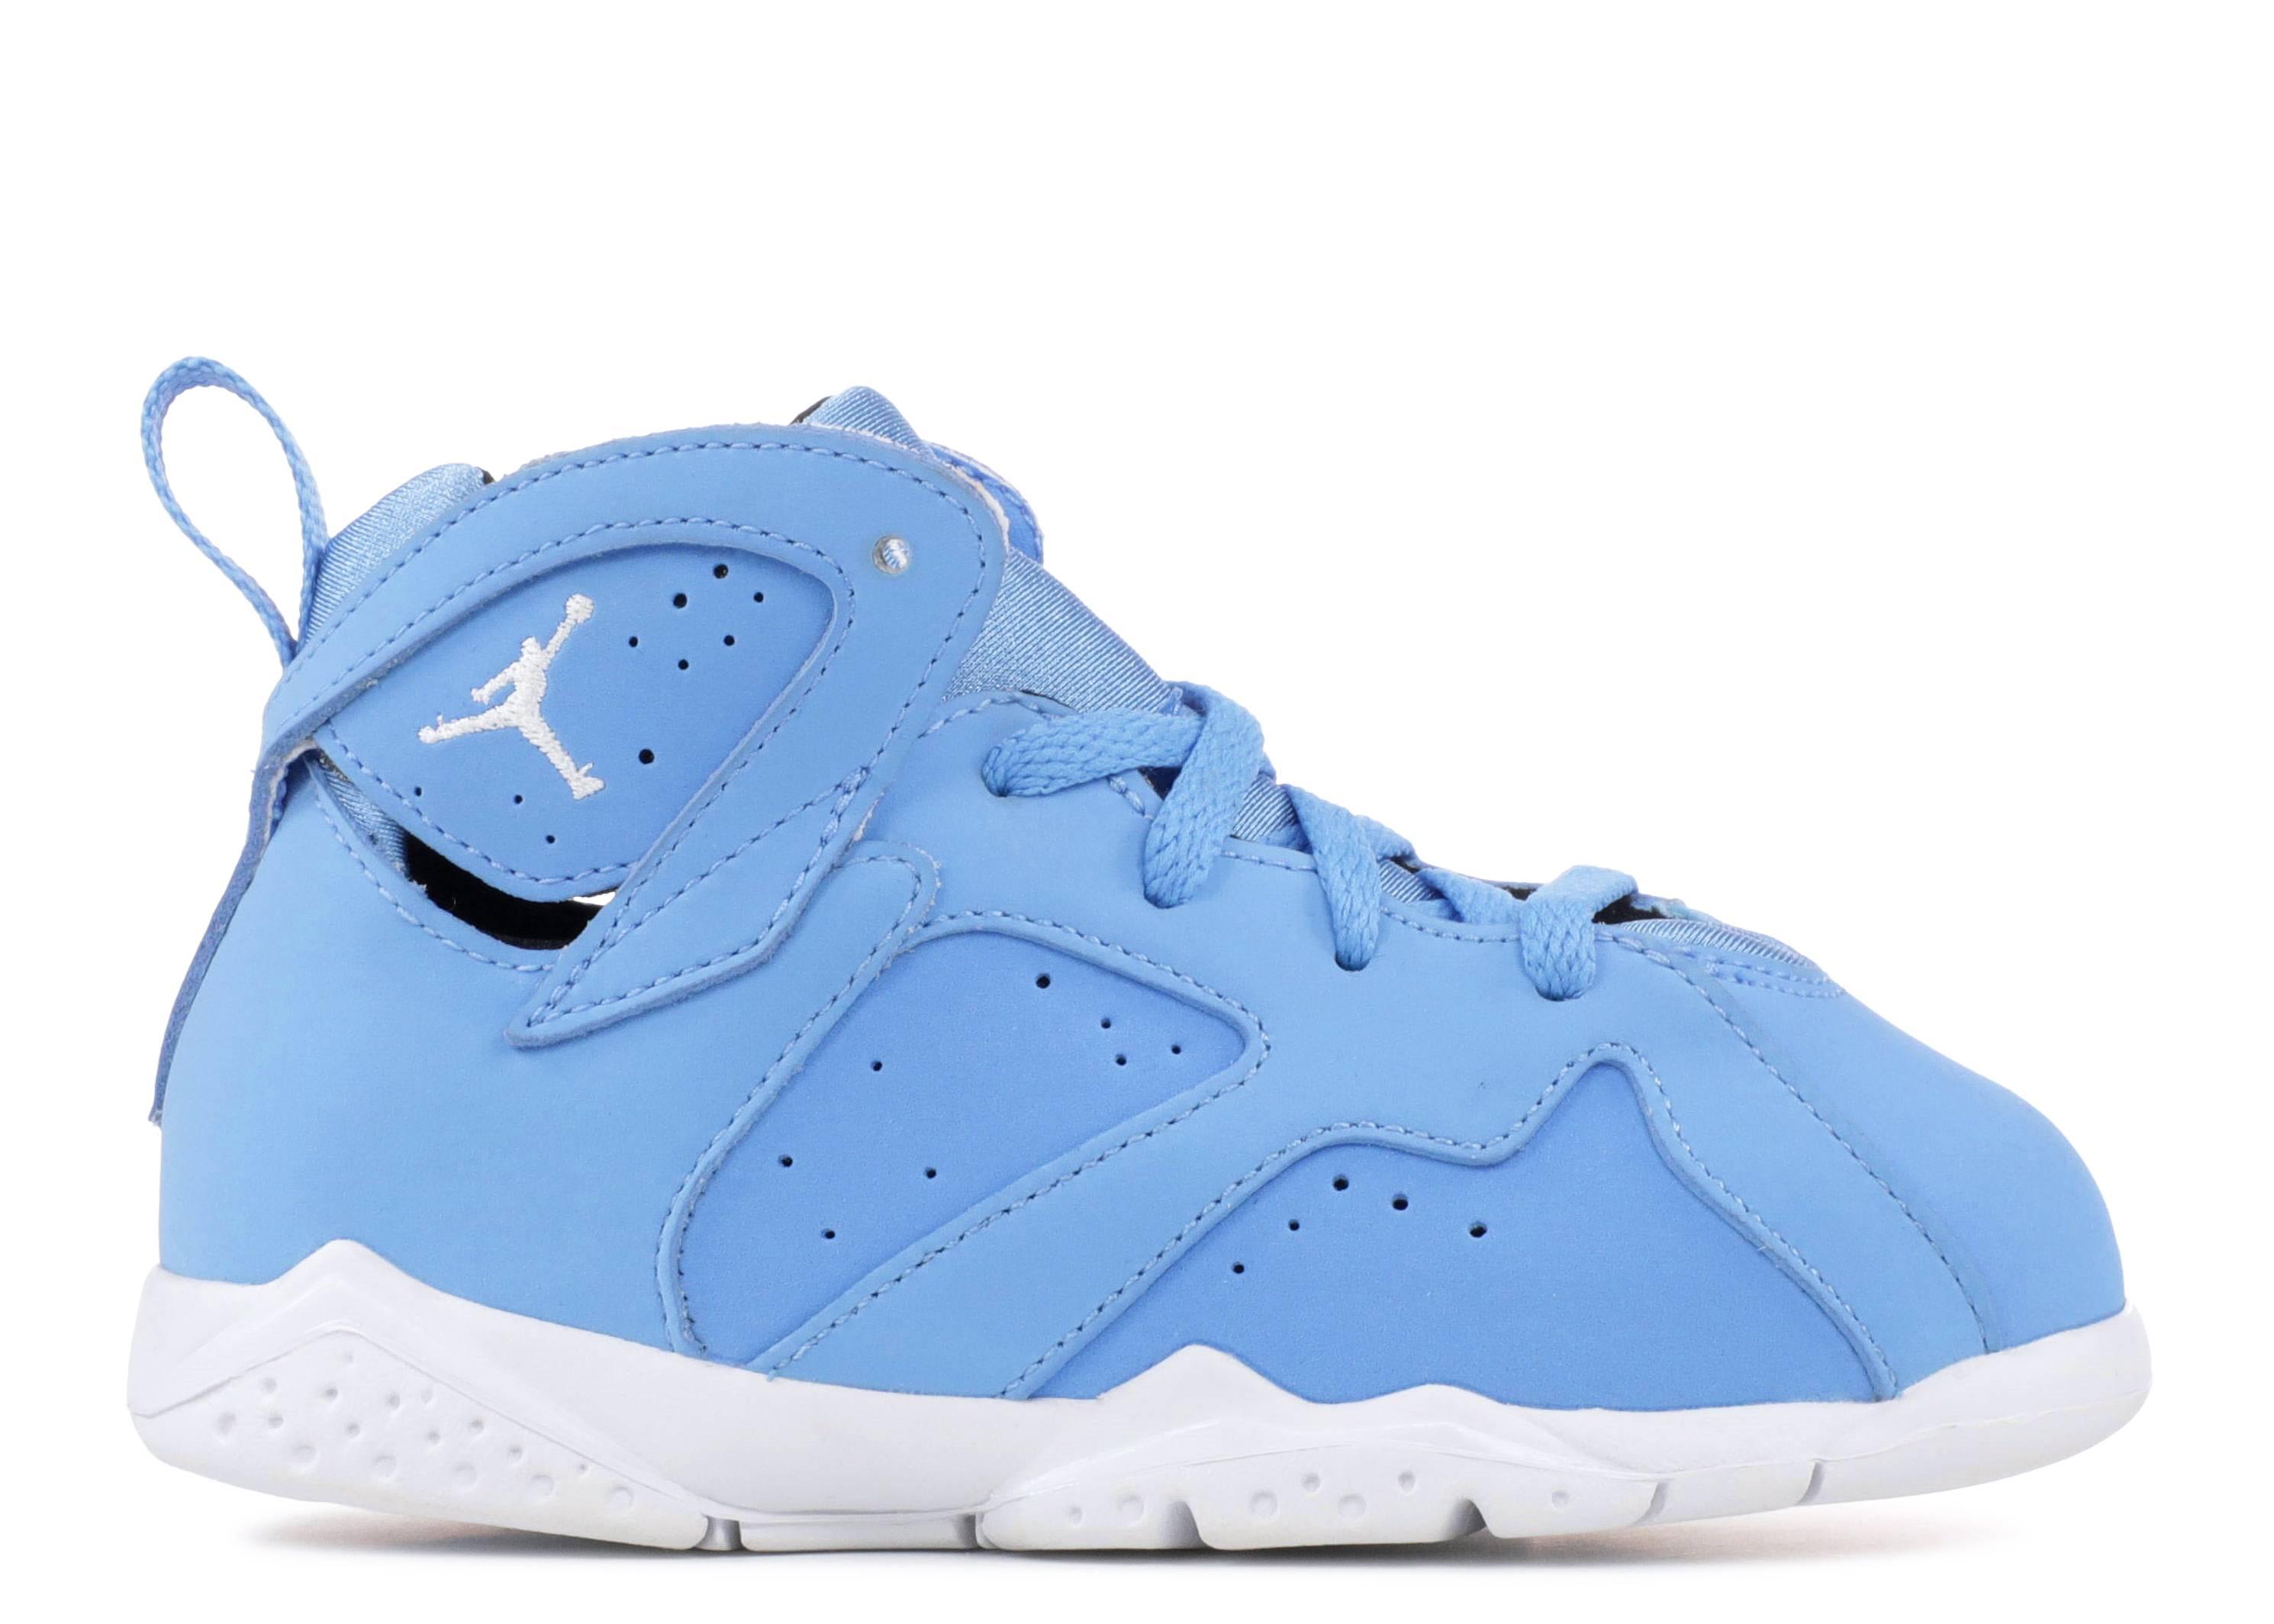 f2e267762537 Air Jordan 7 (VII) Shoes - Nike